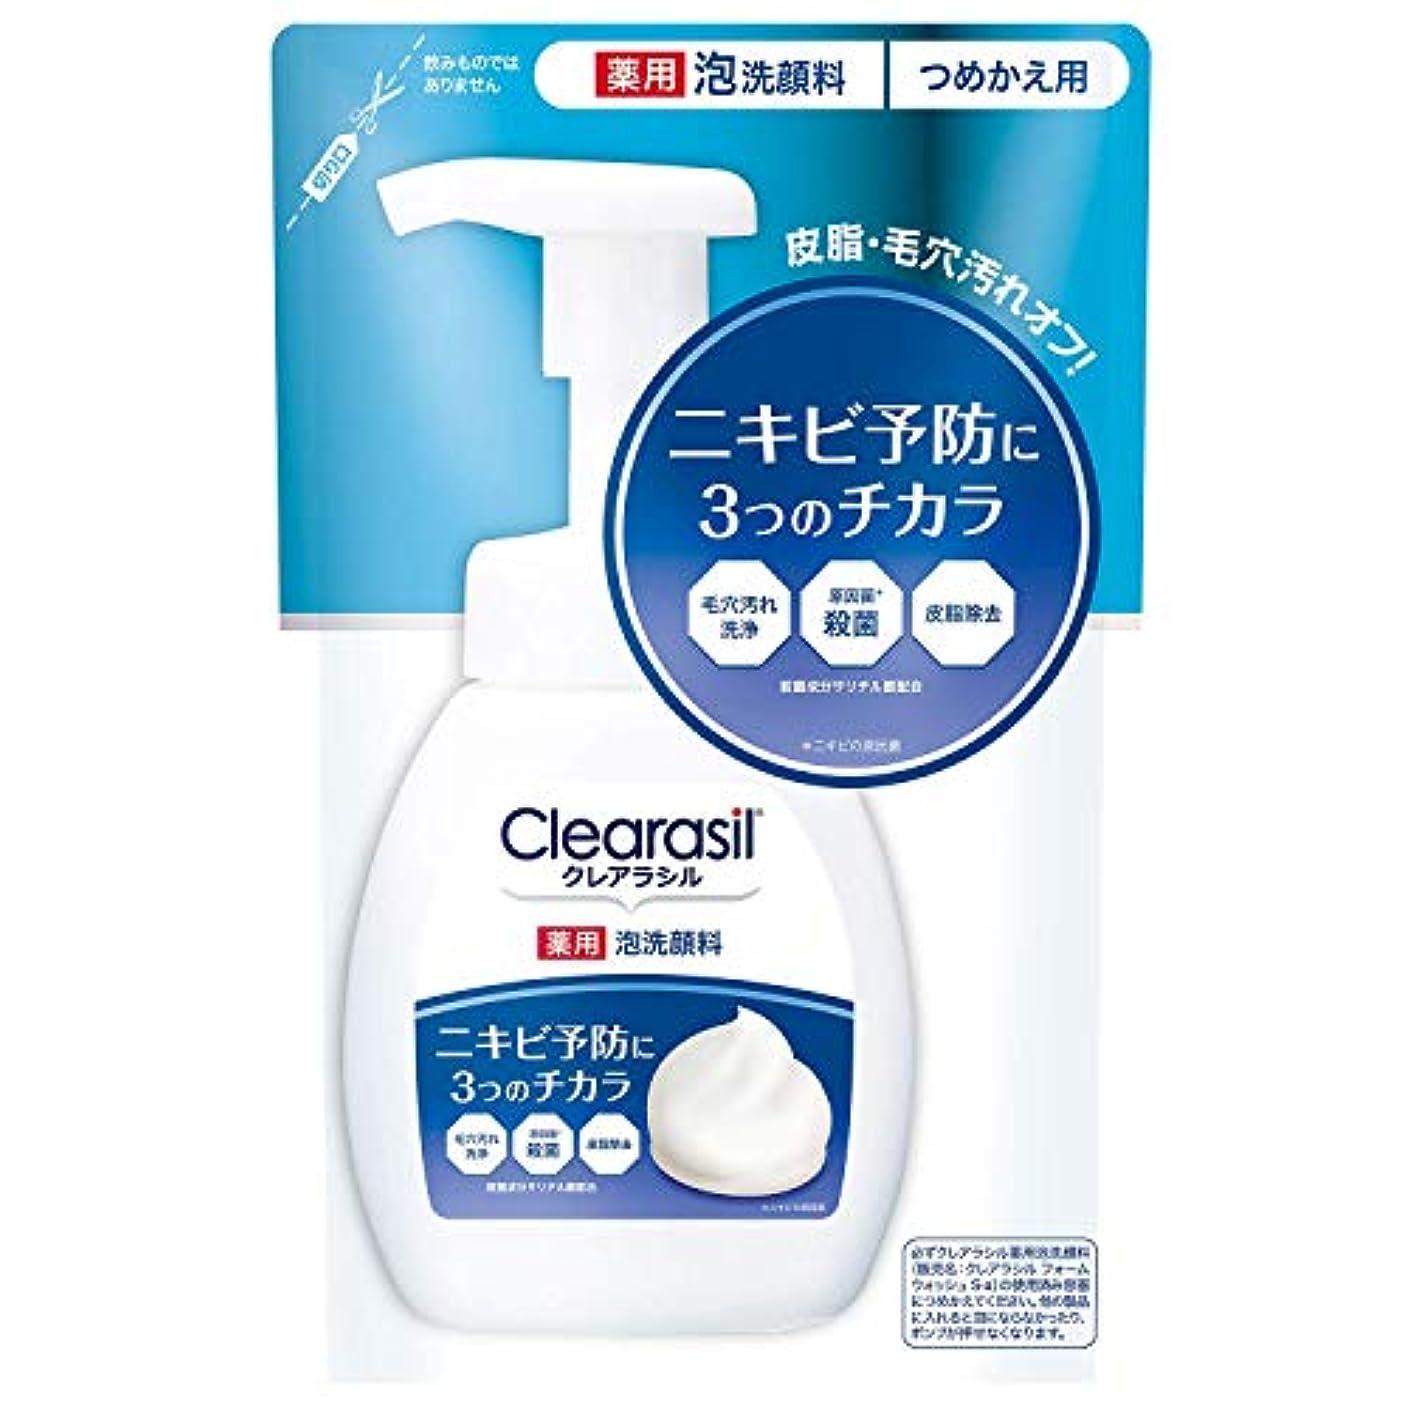 コーチどれか電気陽性【clearasil】クレアラシル 薬用泡洗顔フォーム10 つめかえ用 (180ml) ×20個セット